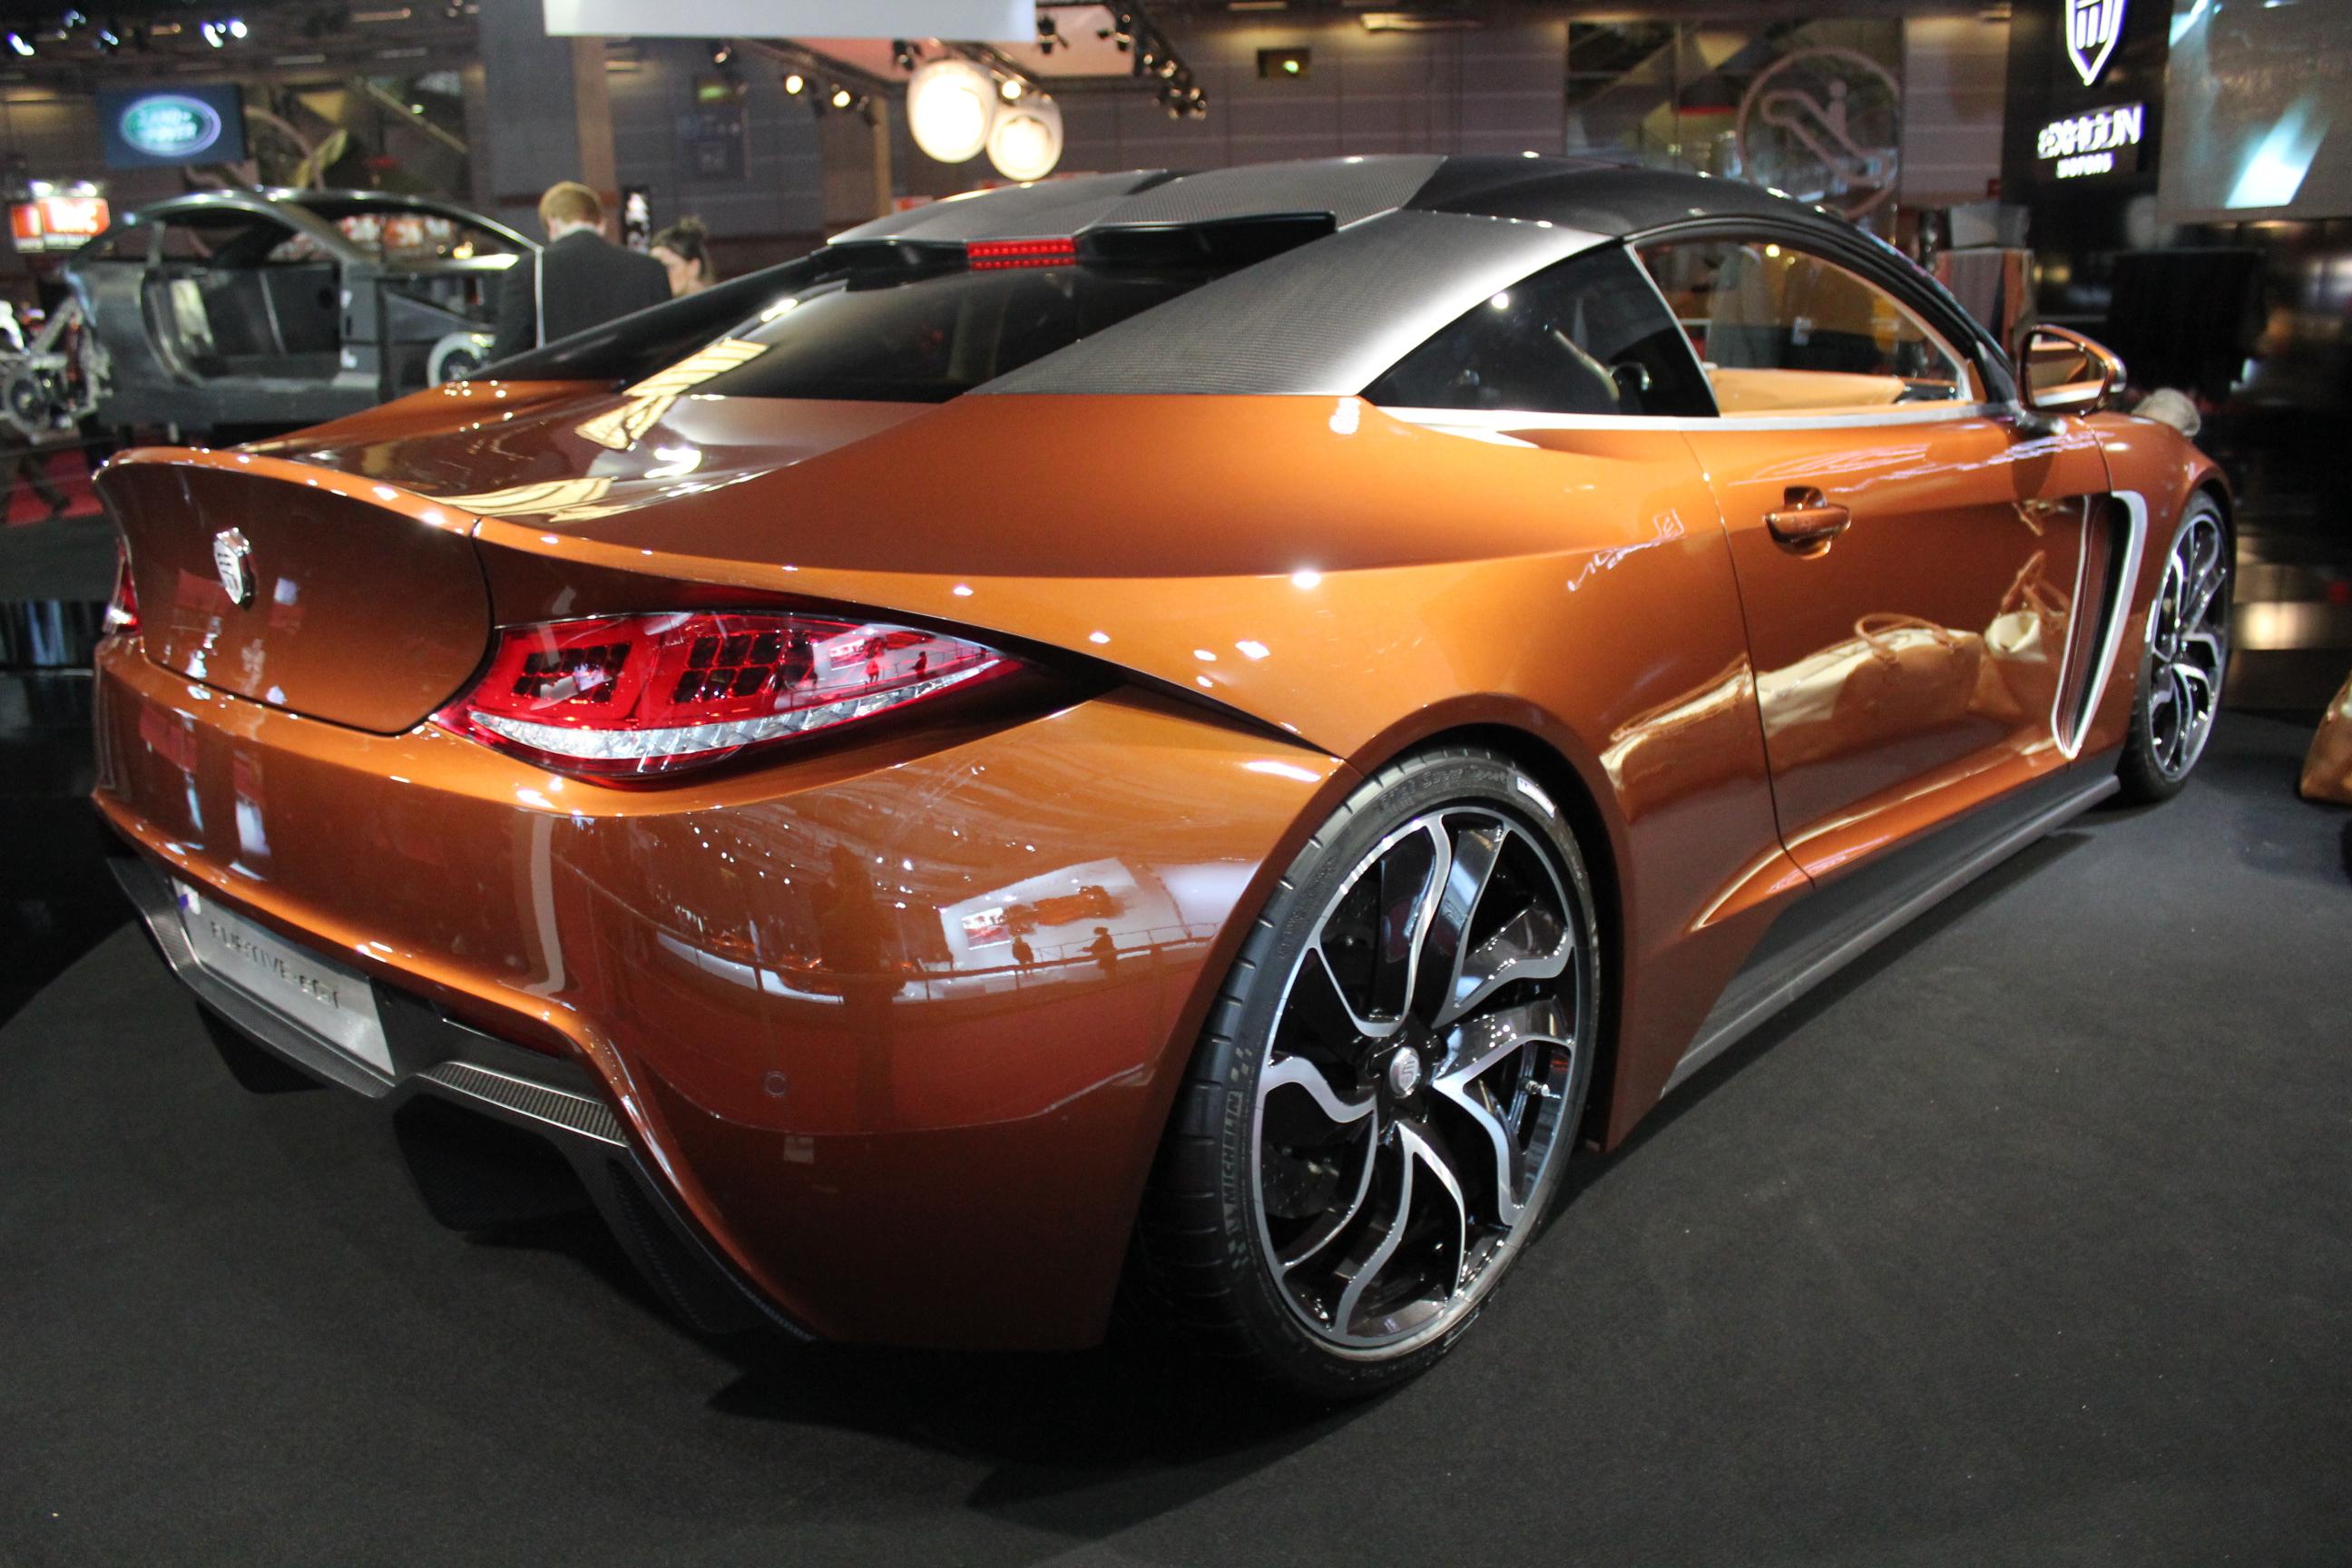 http://images.caradisiac.com/images/1/3/7/5/81375/S0-En-direct-du-Mondial-2012-Exagon-Motors-Furtive-e-GT-une-Fisker-Karma-a-la-francaise-274373.jpg